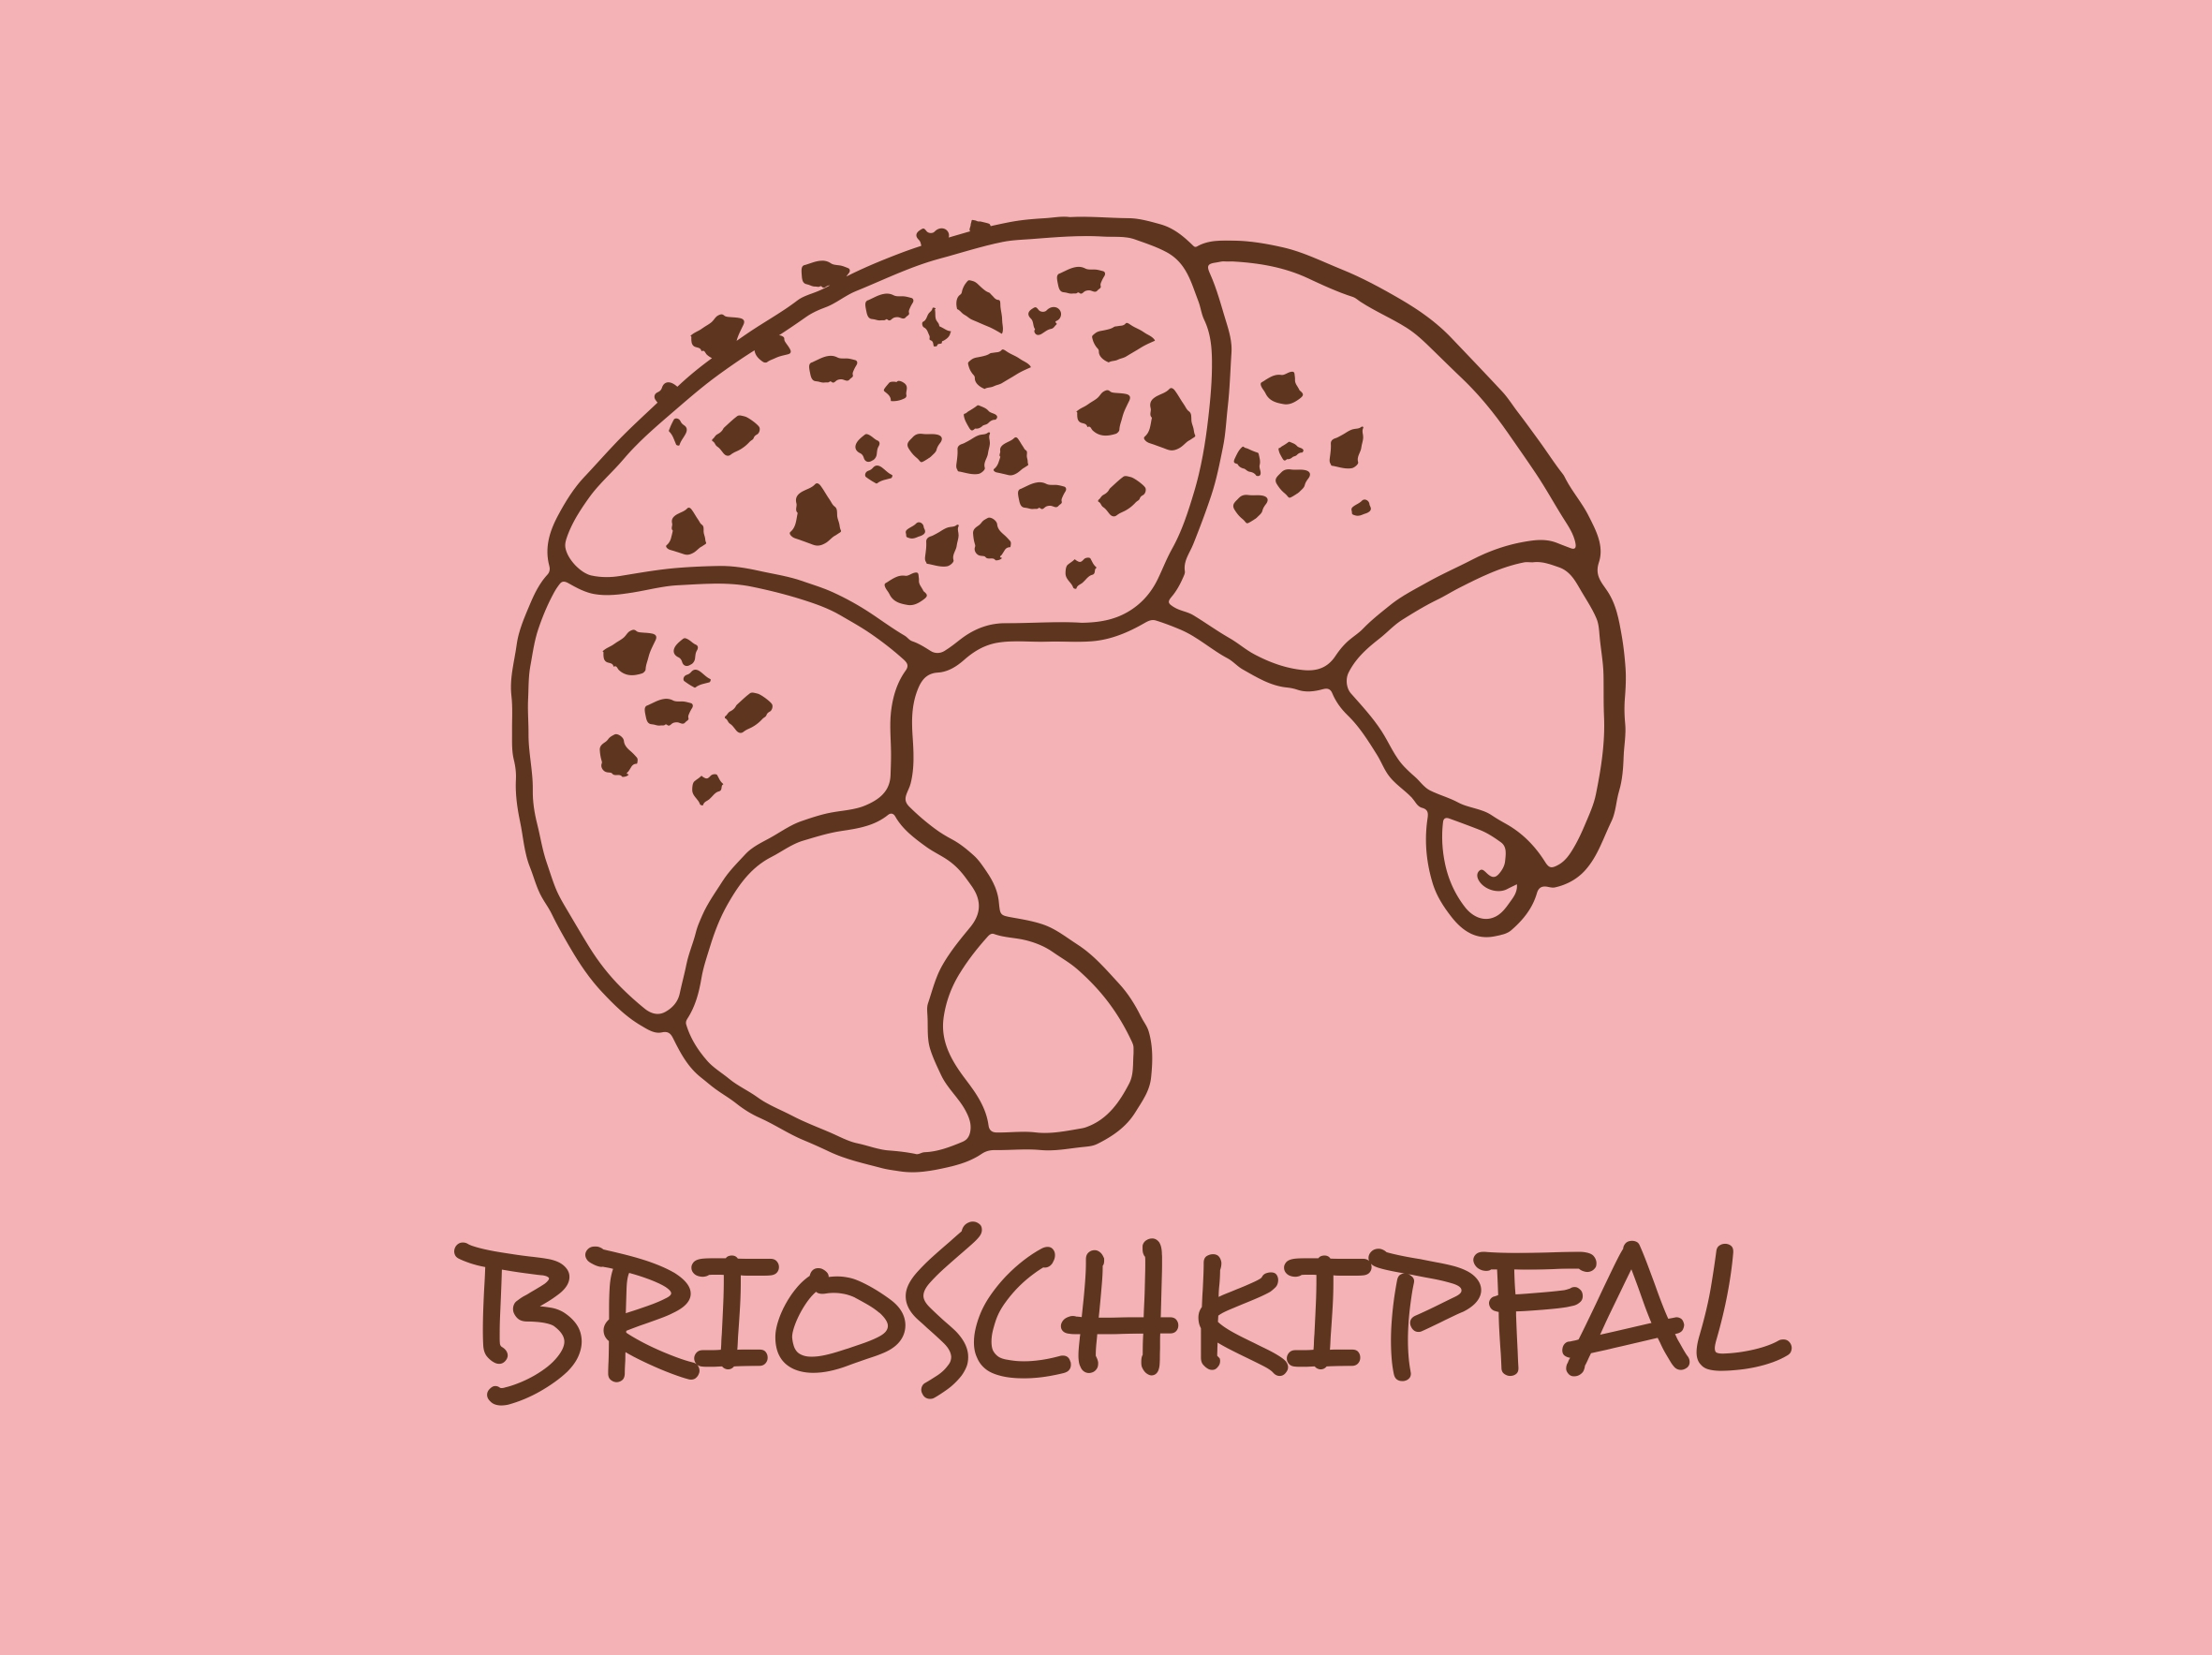 brioschkipfal